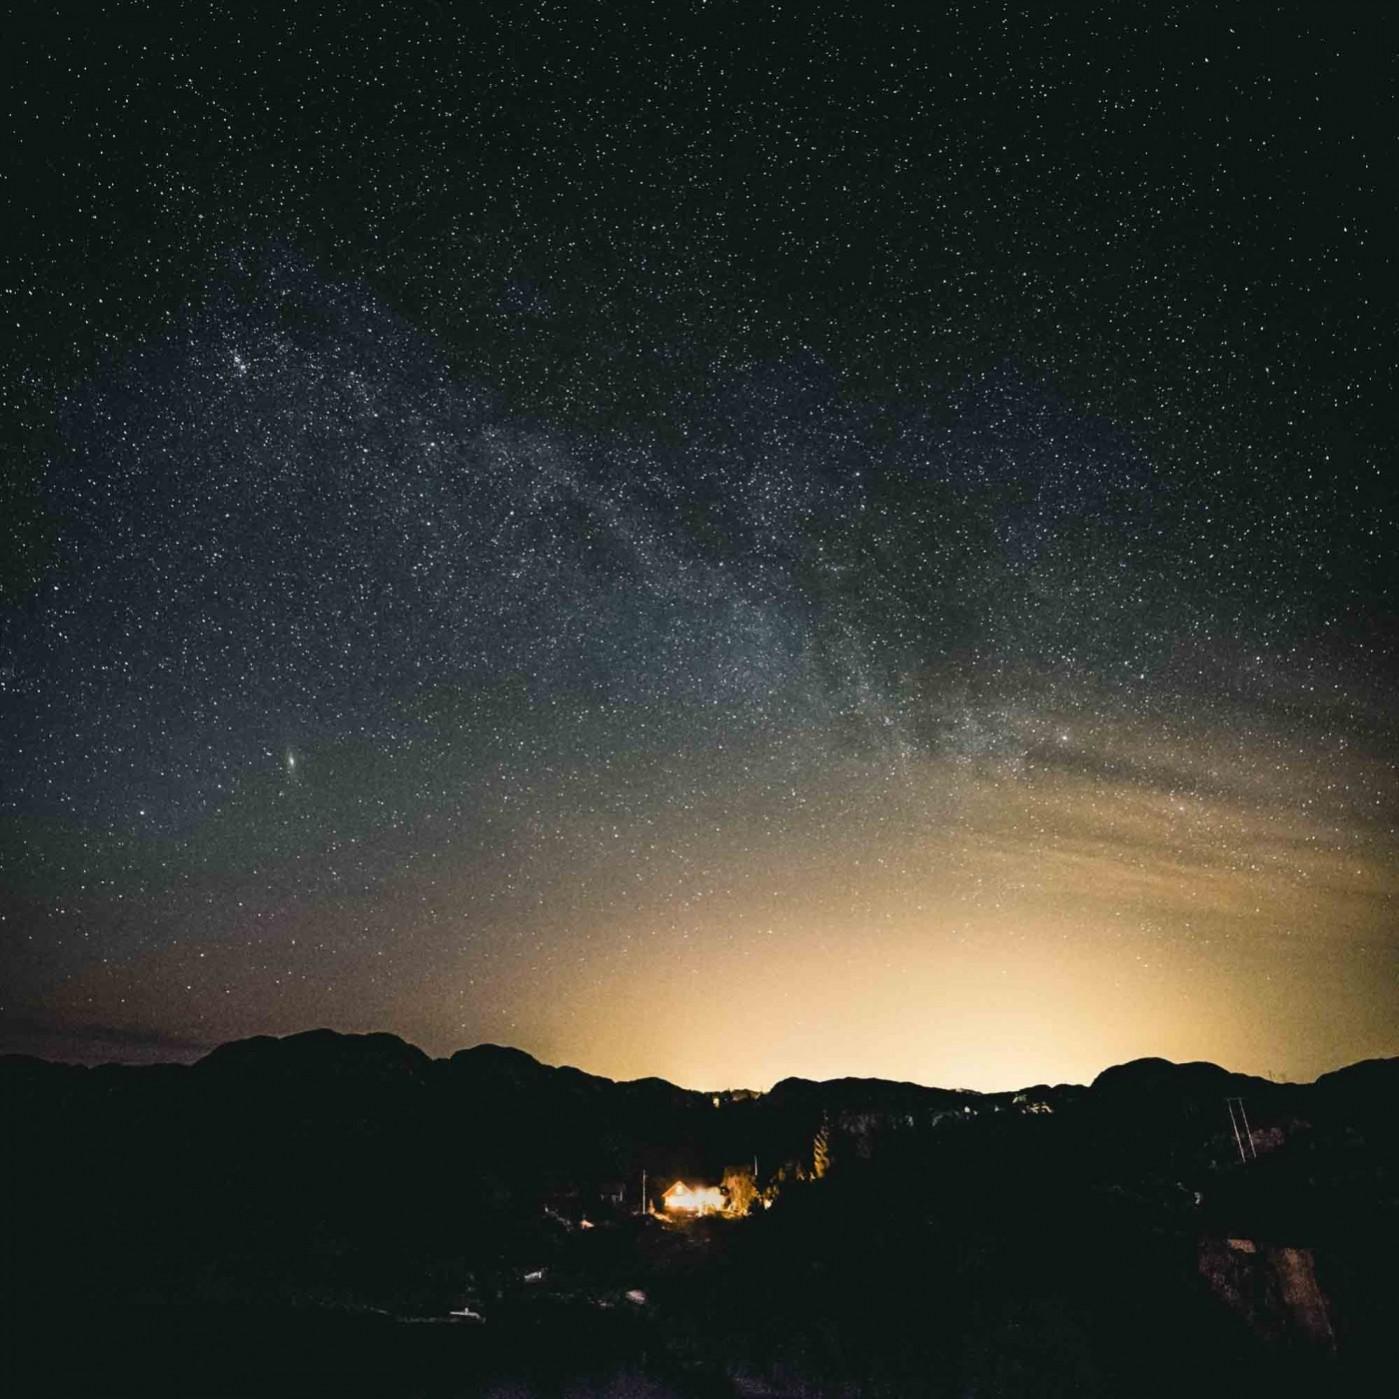 medium-format-astrophotography-5